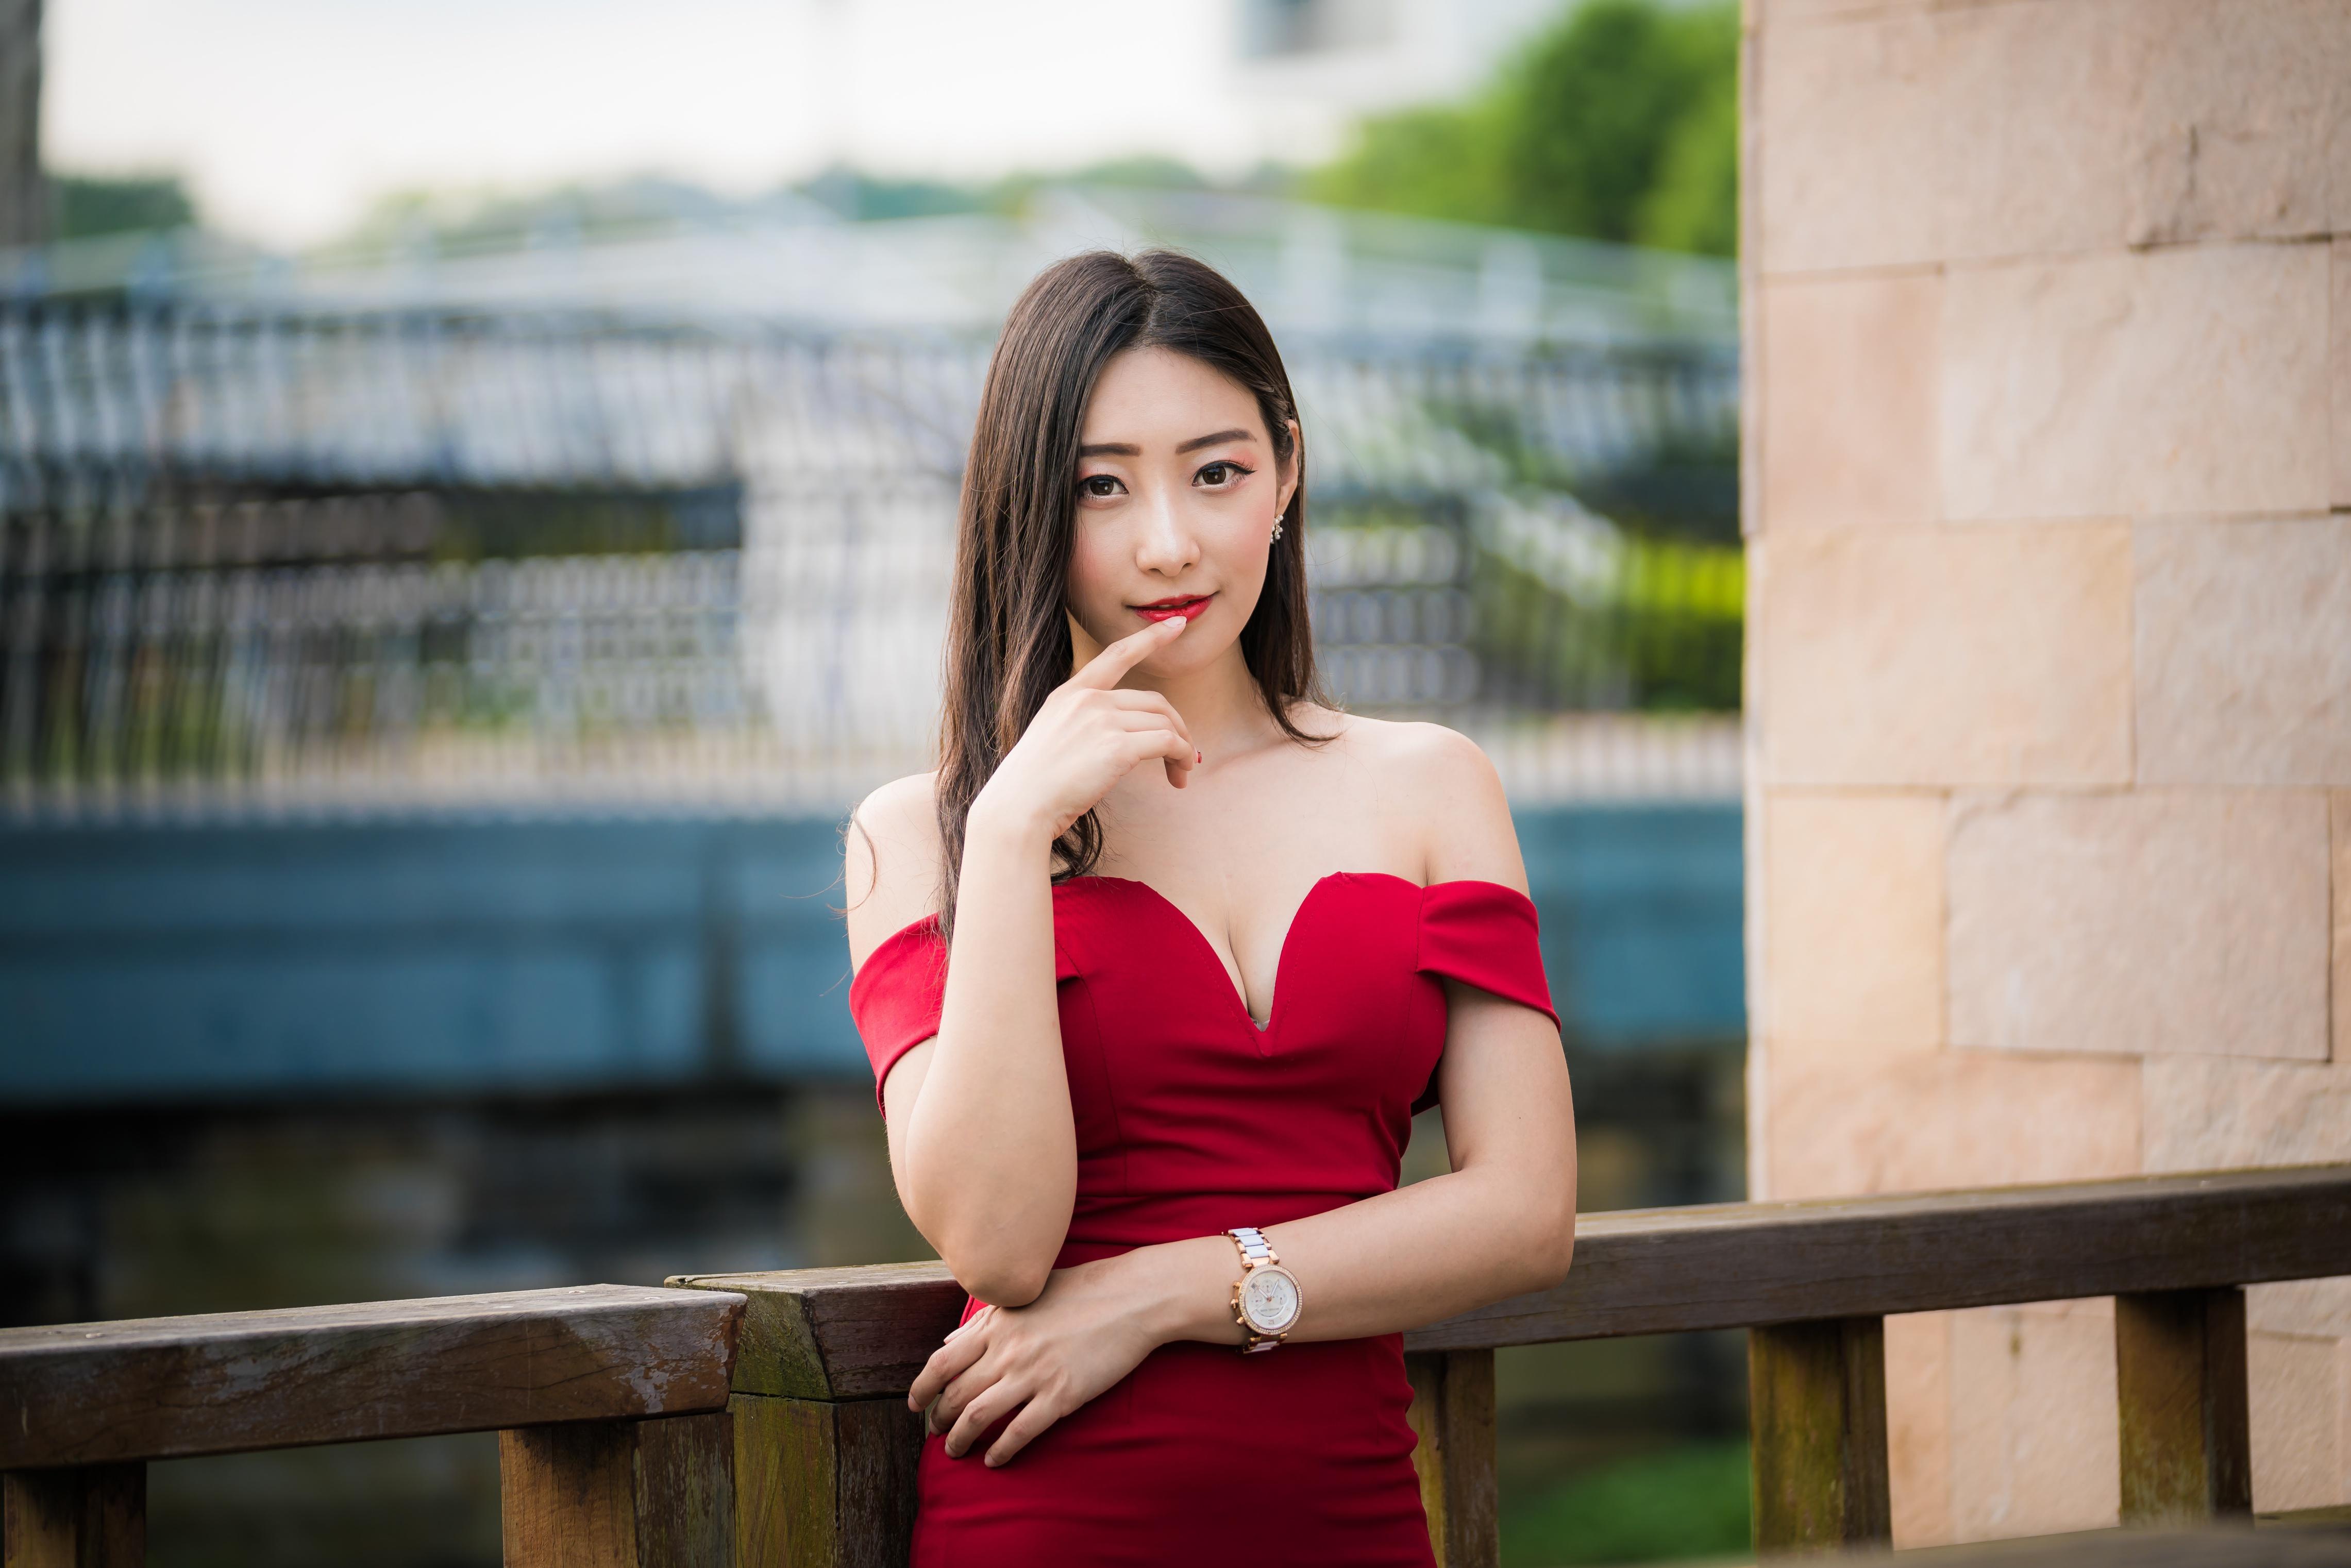 Wallpaper : Asian, model, brunette, sitting, fountain